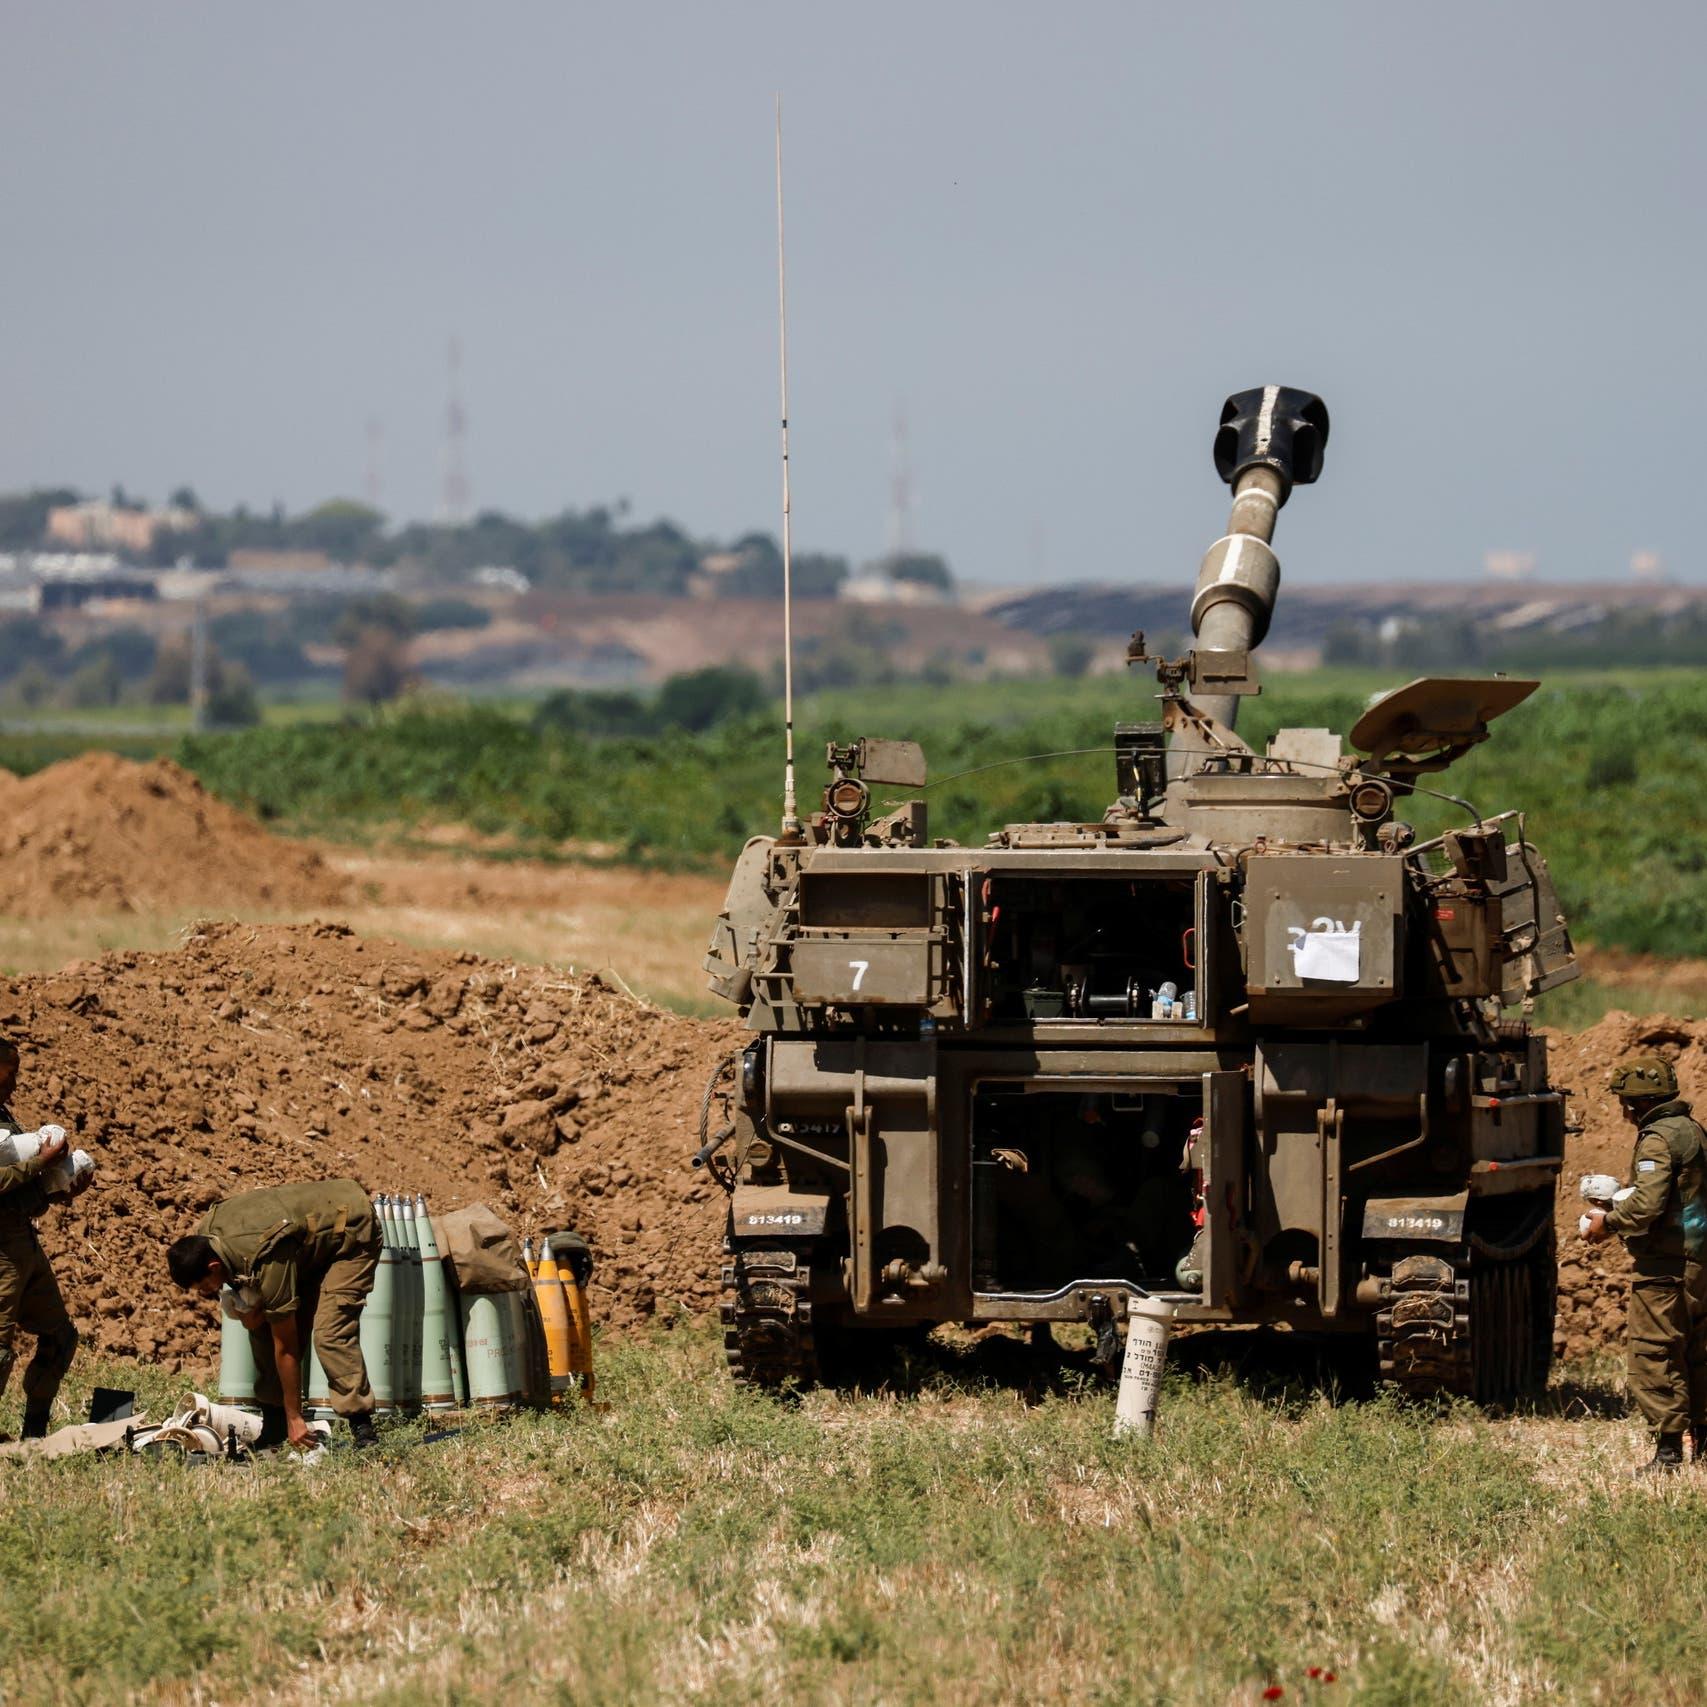 الجيش الإسرائيلي: نستعد لأيام من القتال على جبهة غزة